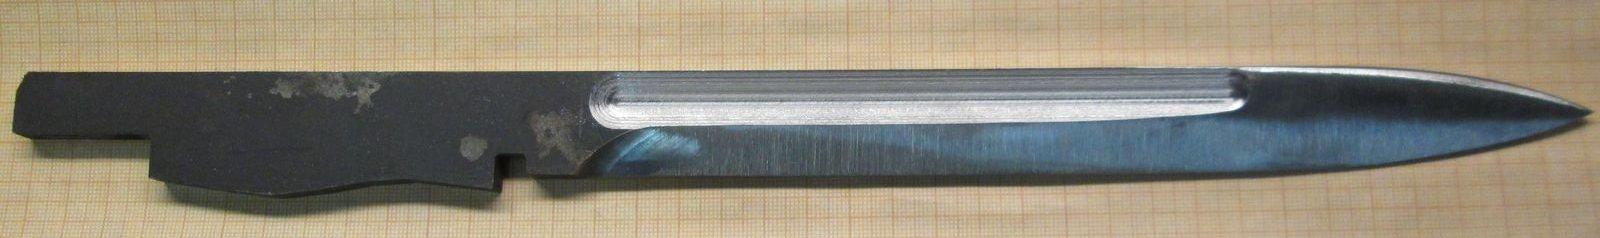 Изделие под галтовку - заготовка ножа